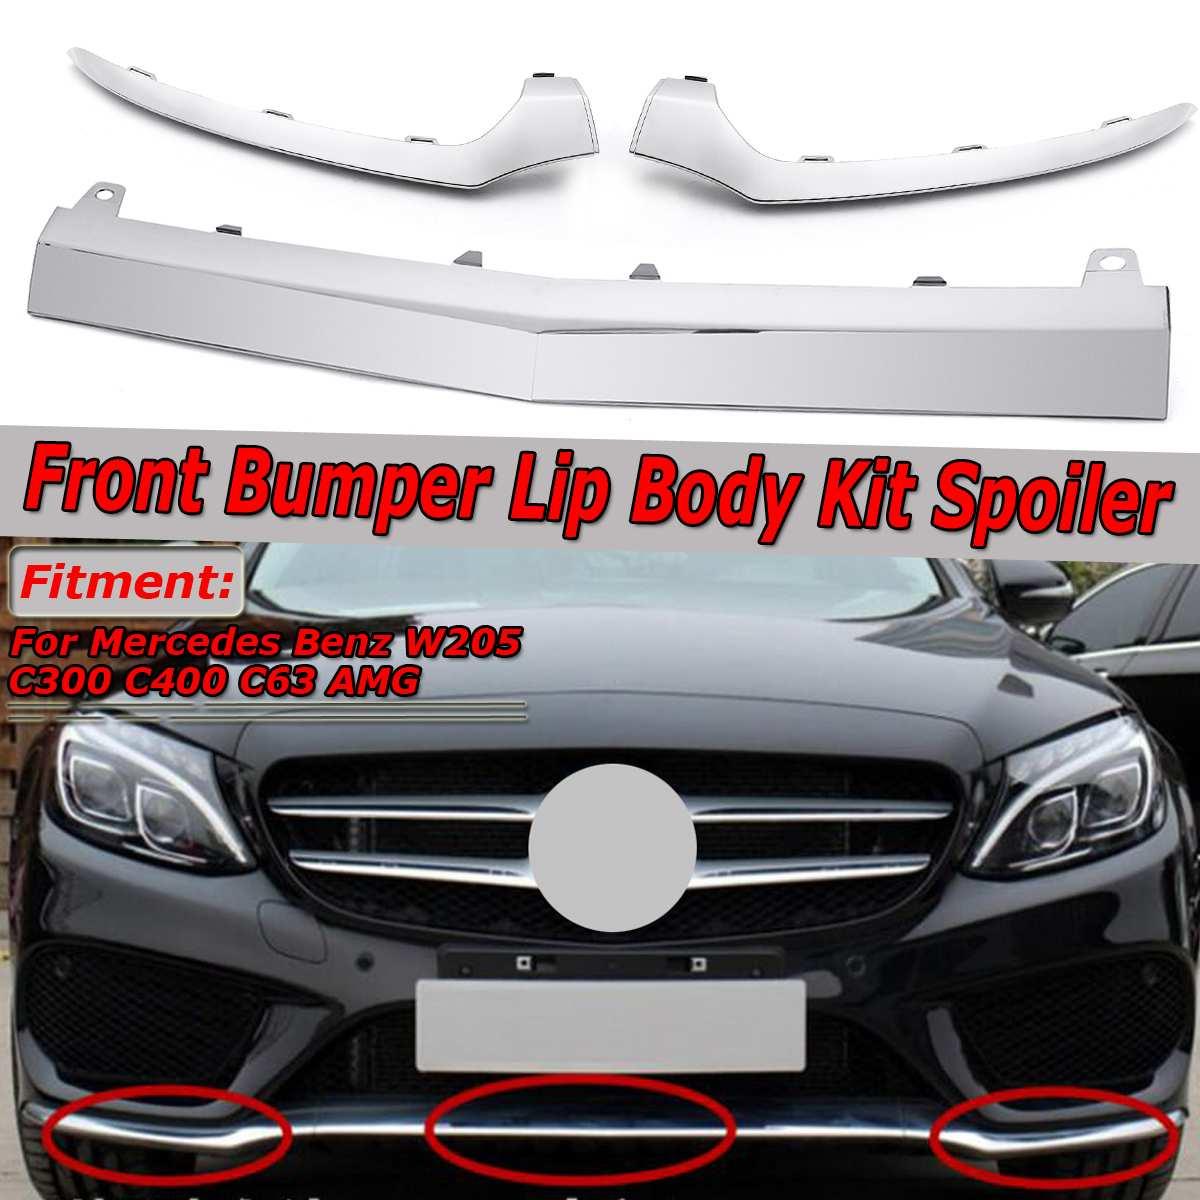 כרום/שחור רכב קדמי תחתון פגוש שפתיים ספליטר כרום דפוס כיסוי Trim עבור מרצדס בנץ W205 C300 C400 c63 עבור AMG